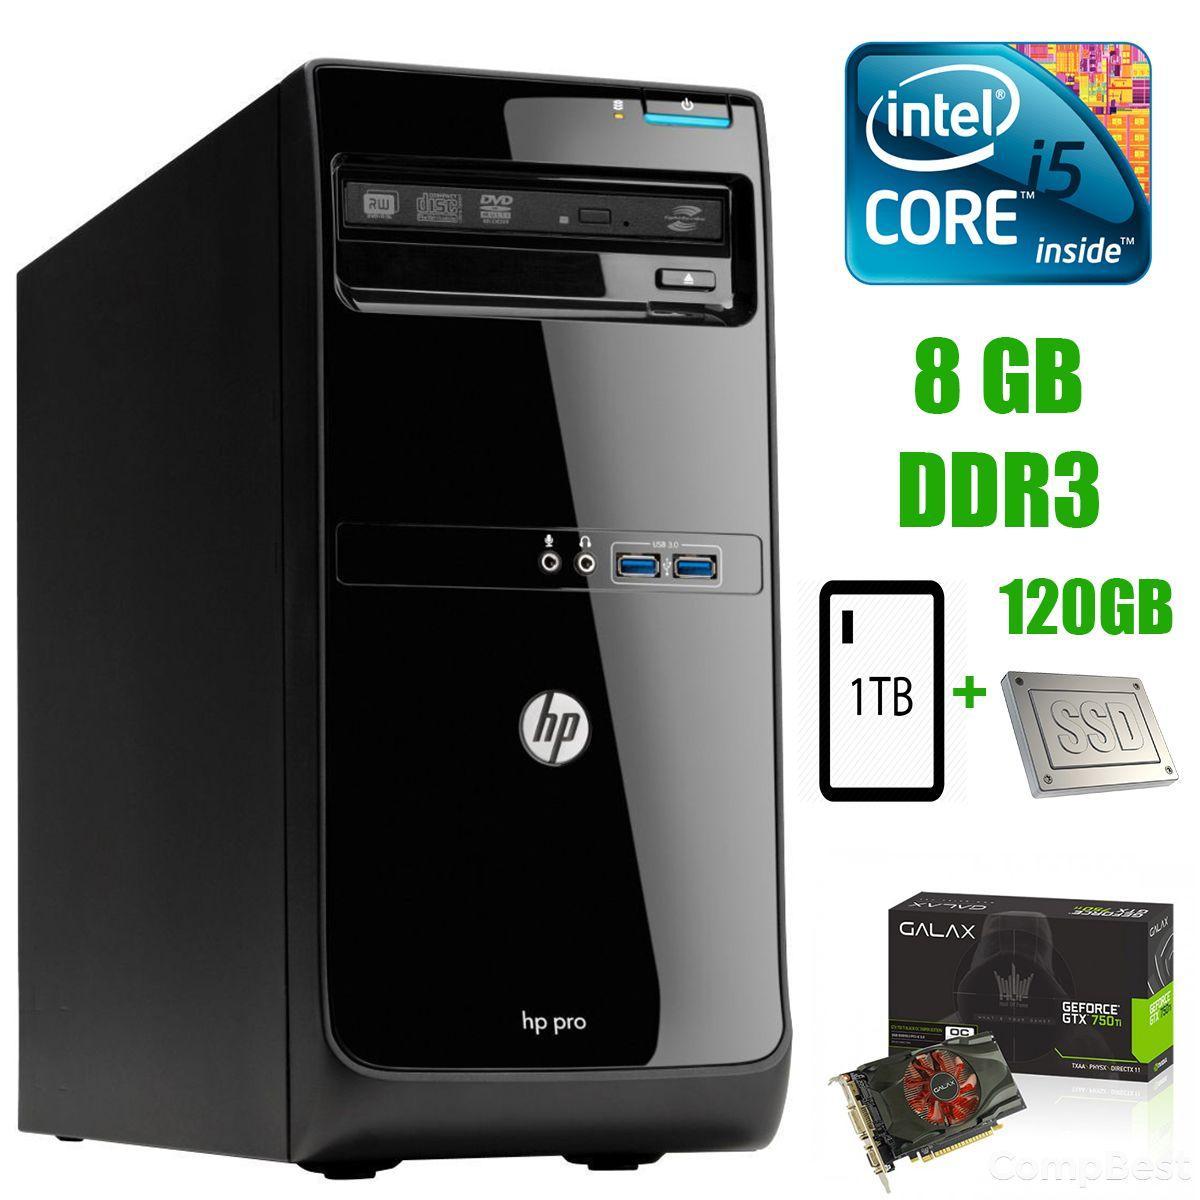 HP Pro 3400 Tower / Intel Core i5-2500 (4 ядра по 3.3 - 3.5 GHz) / 8 GB DDR3 / new! 120 GB SSD+1 TB HDD / nVidia GeForce GTX 750 Ti 2GB GDDR5 128-bit